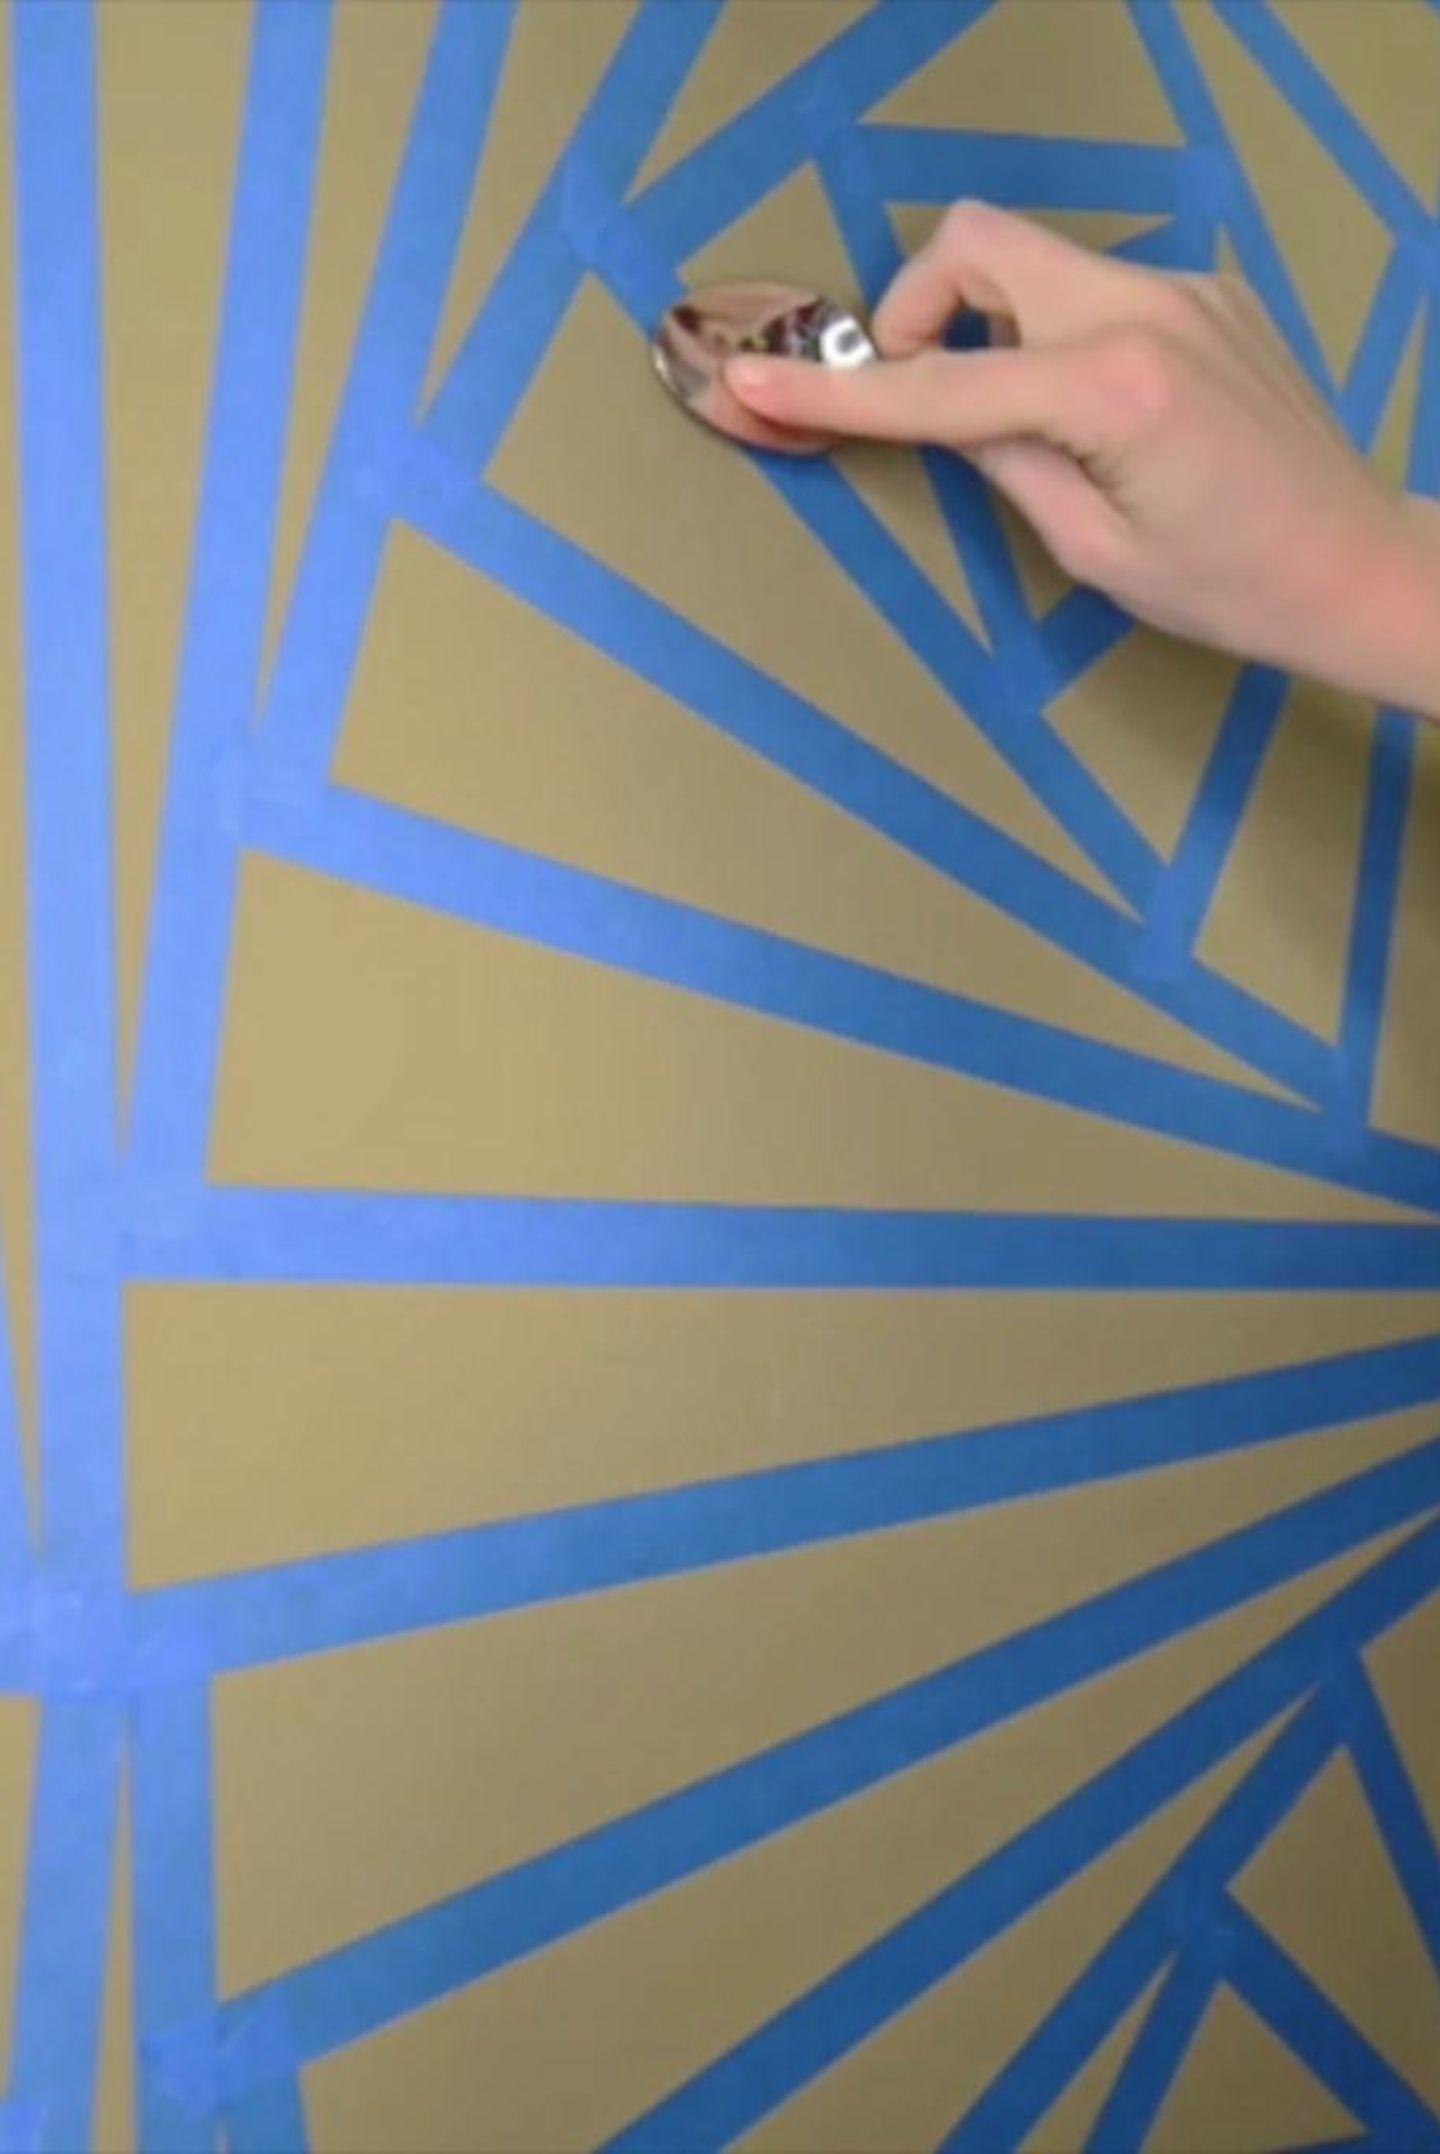 Wandbemalung Geometrisches Muster Godoit Ch 11